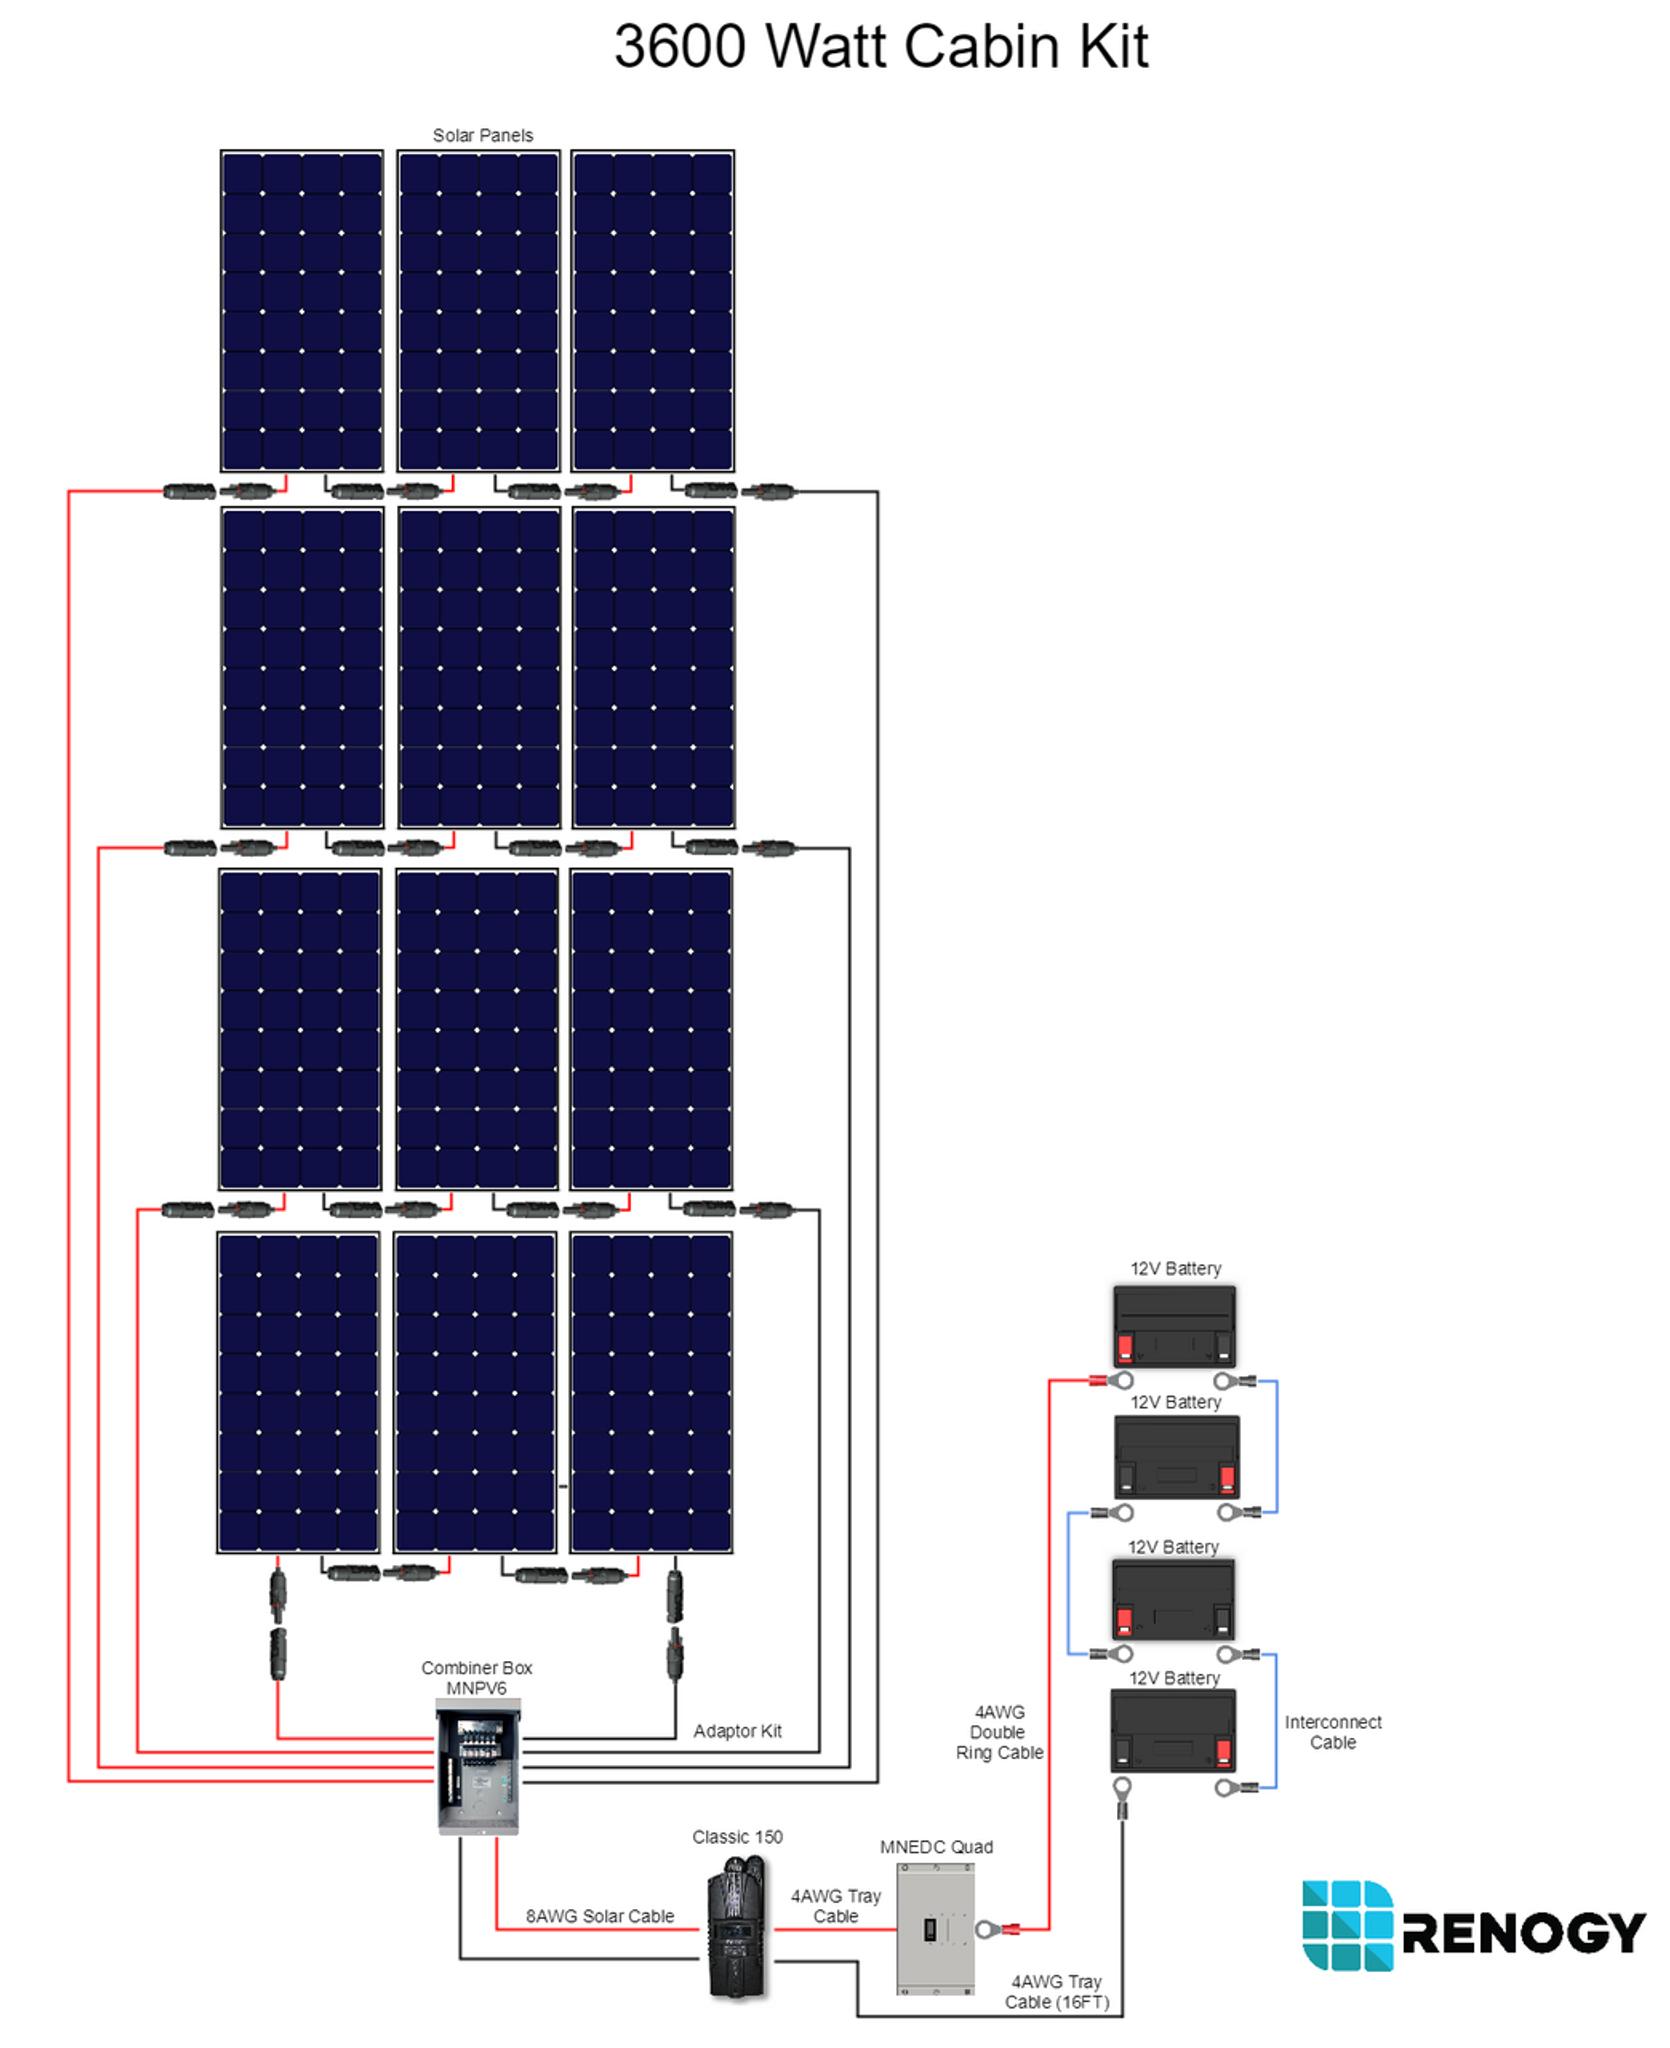 renogy 3600 watt 48 volt monocrystalline solar cabin kit Solar Inverter Wiring Diagram